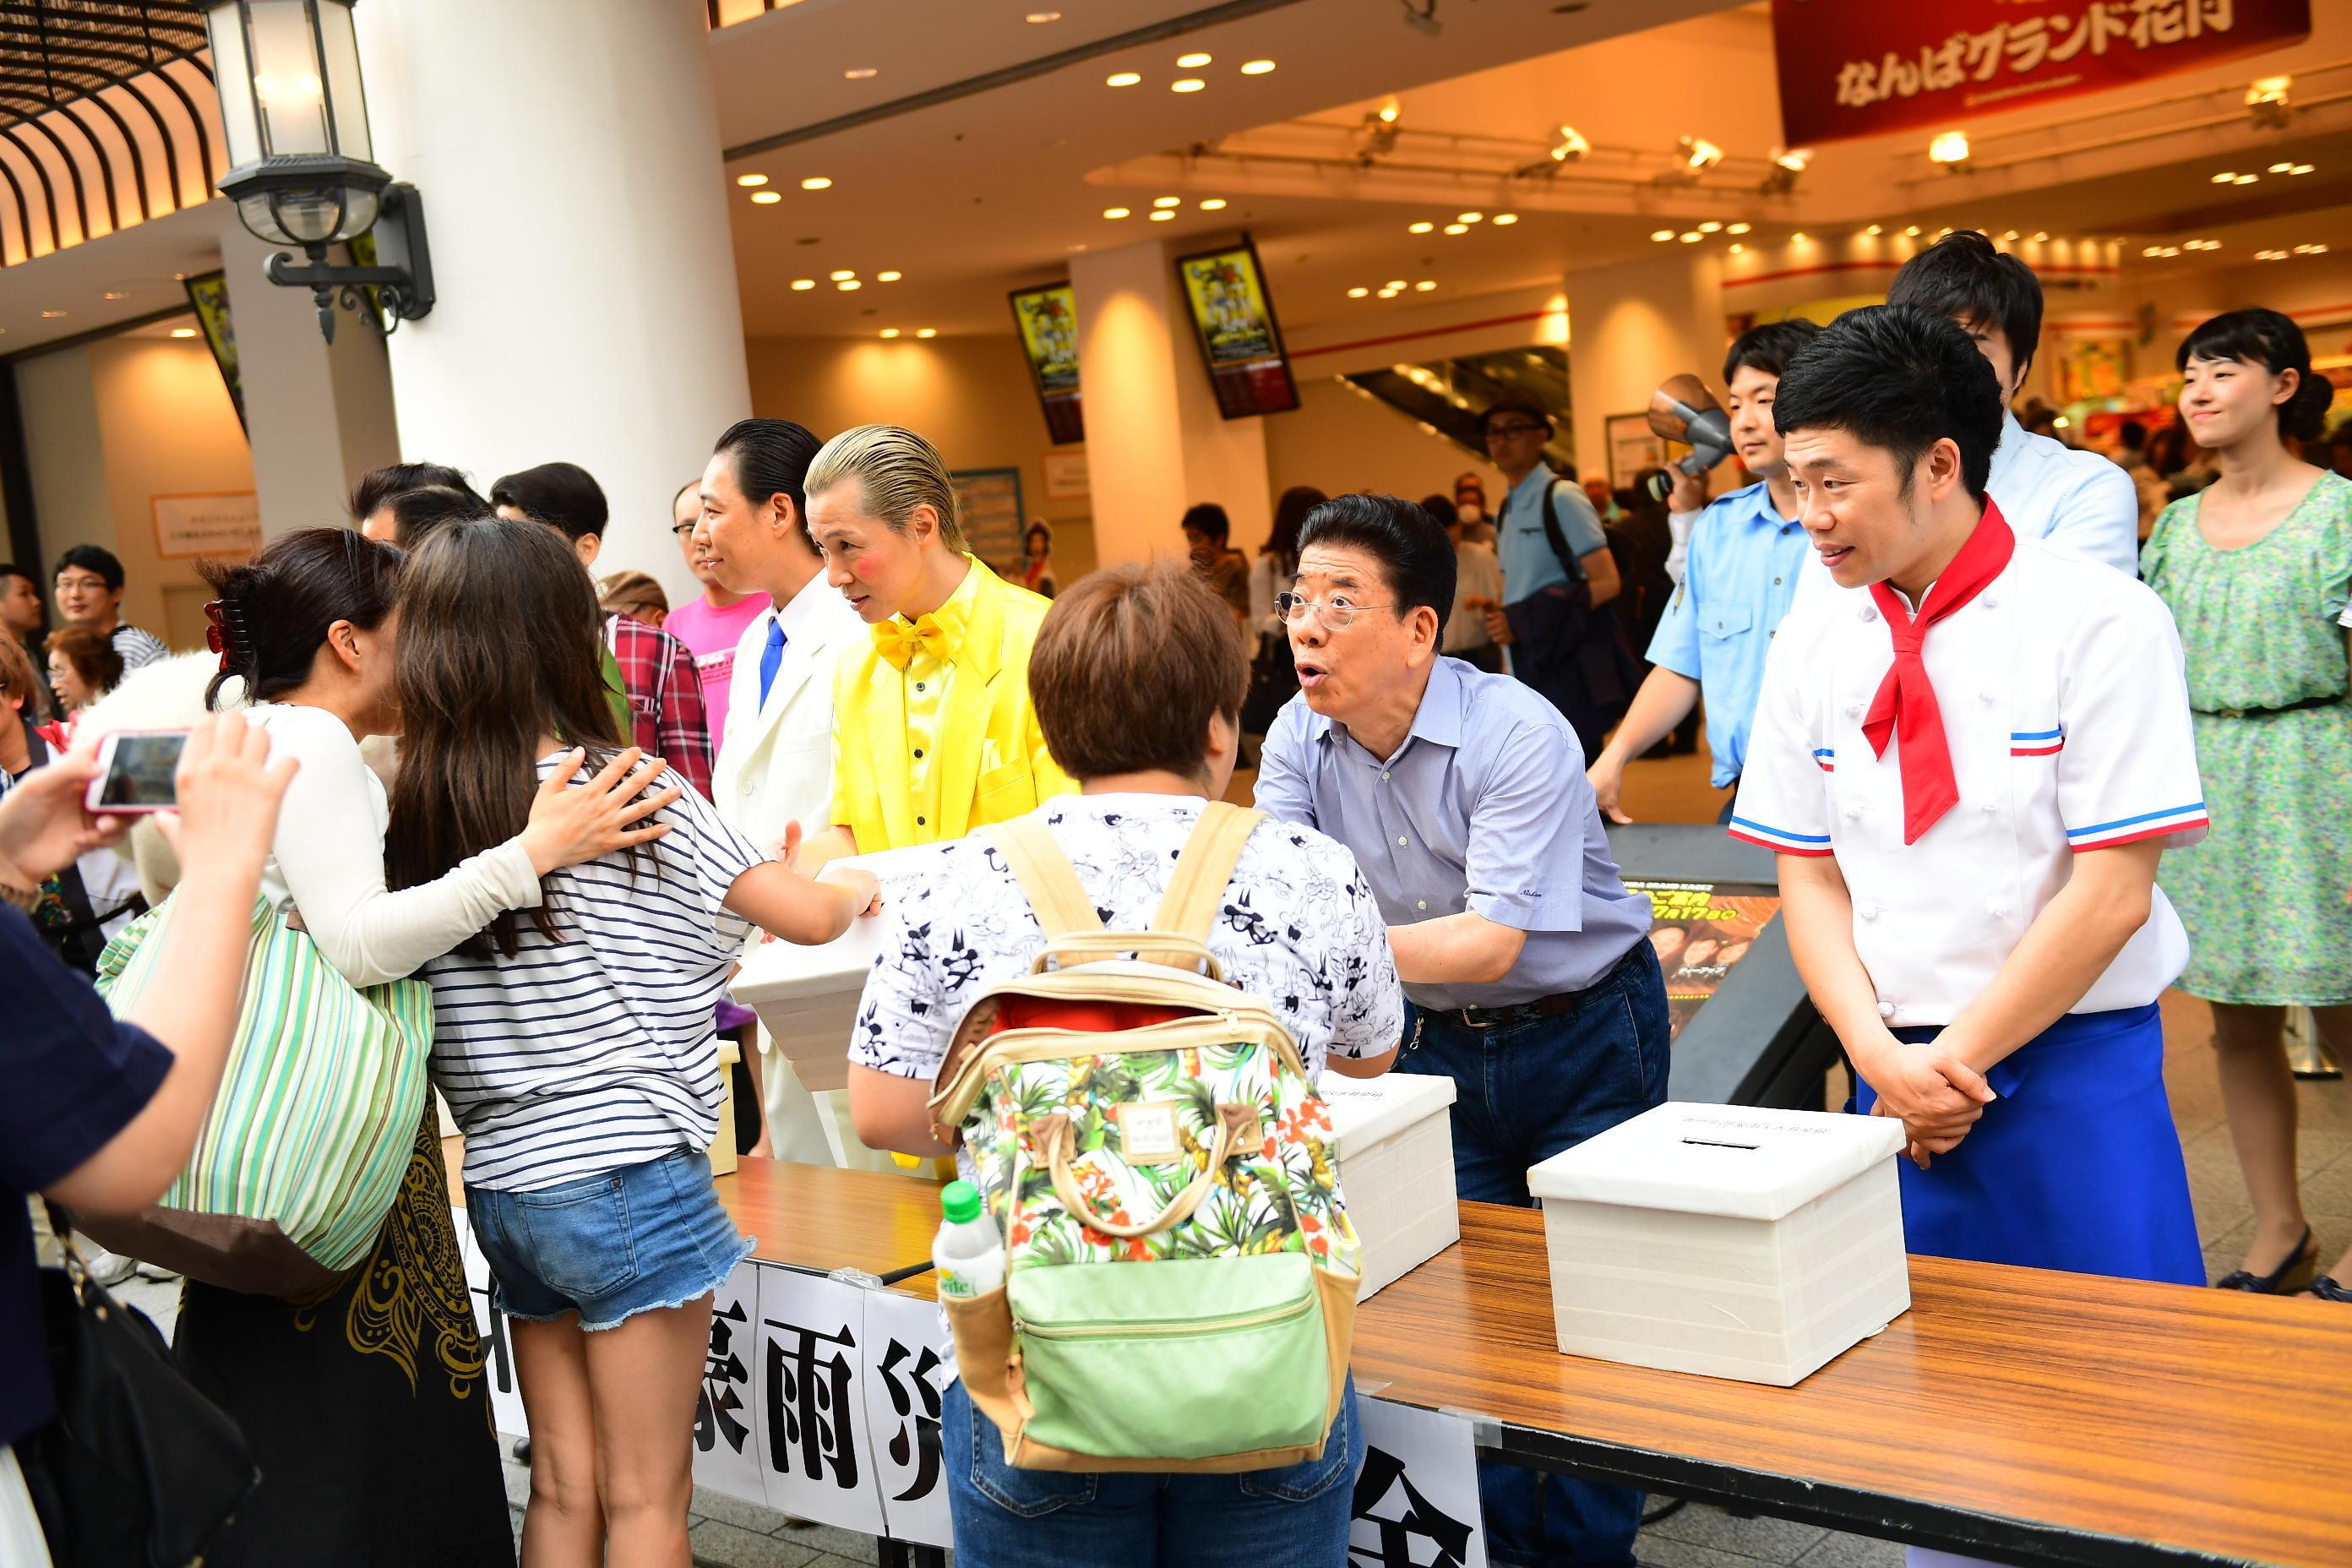 http://news.yoshimoto.co.jp/20170714222320-044eed44d2e659fd9877f7e6ff5d9ce211d36766.jpg